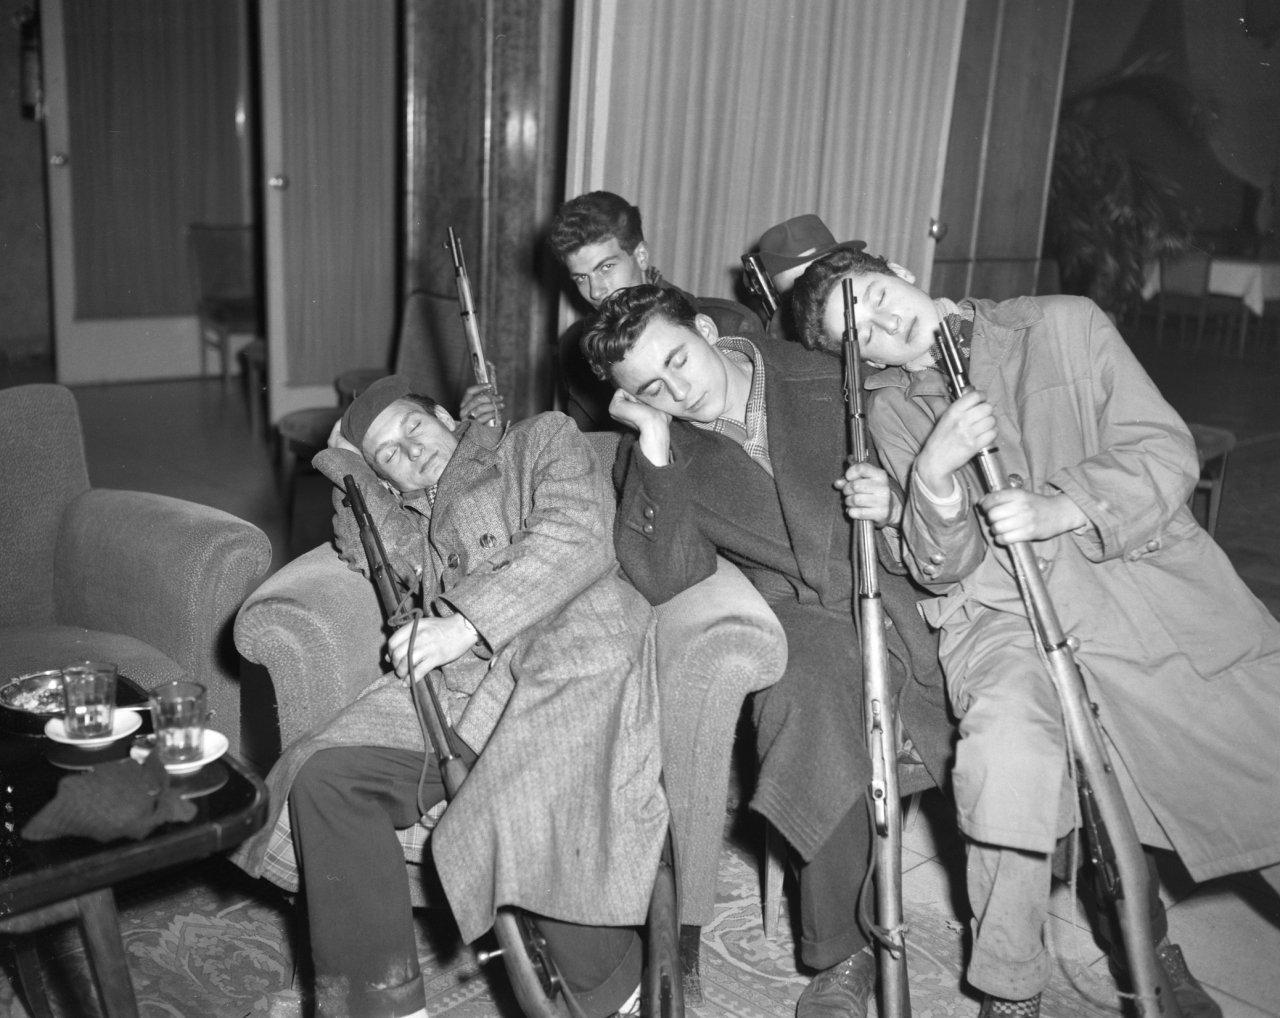 Utolsó képek Budapestről sorozat – Alvó (?) szabadságharcosok, '56 november 2. Fotó: Joop van Bilsen/ Anefo